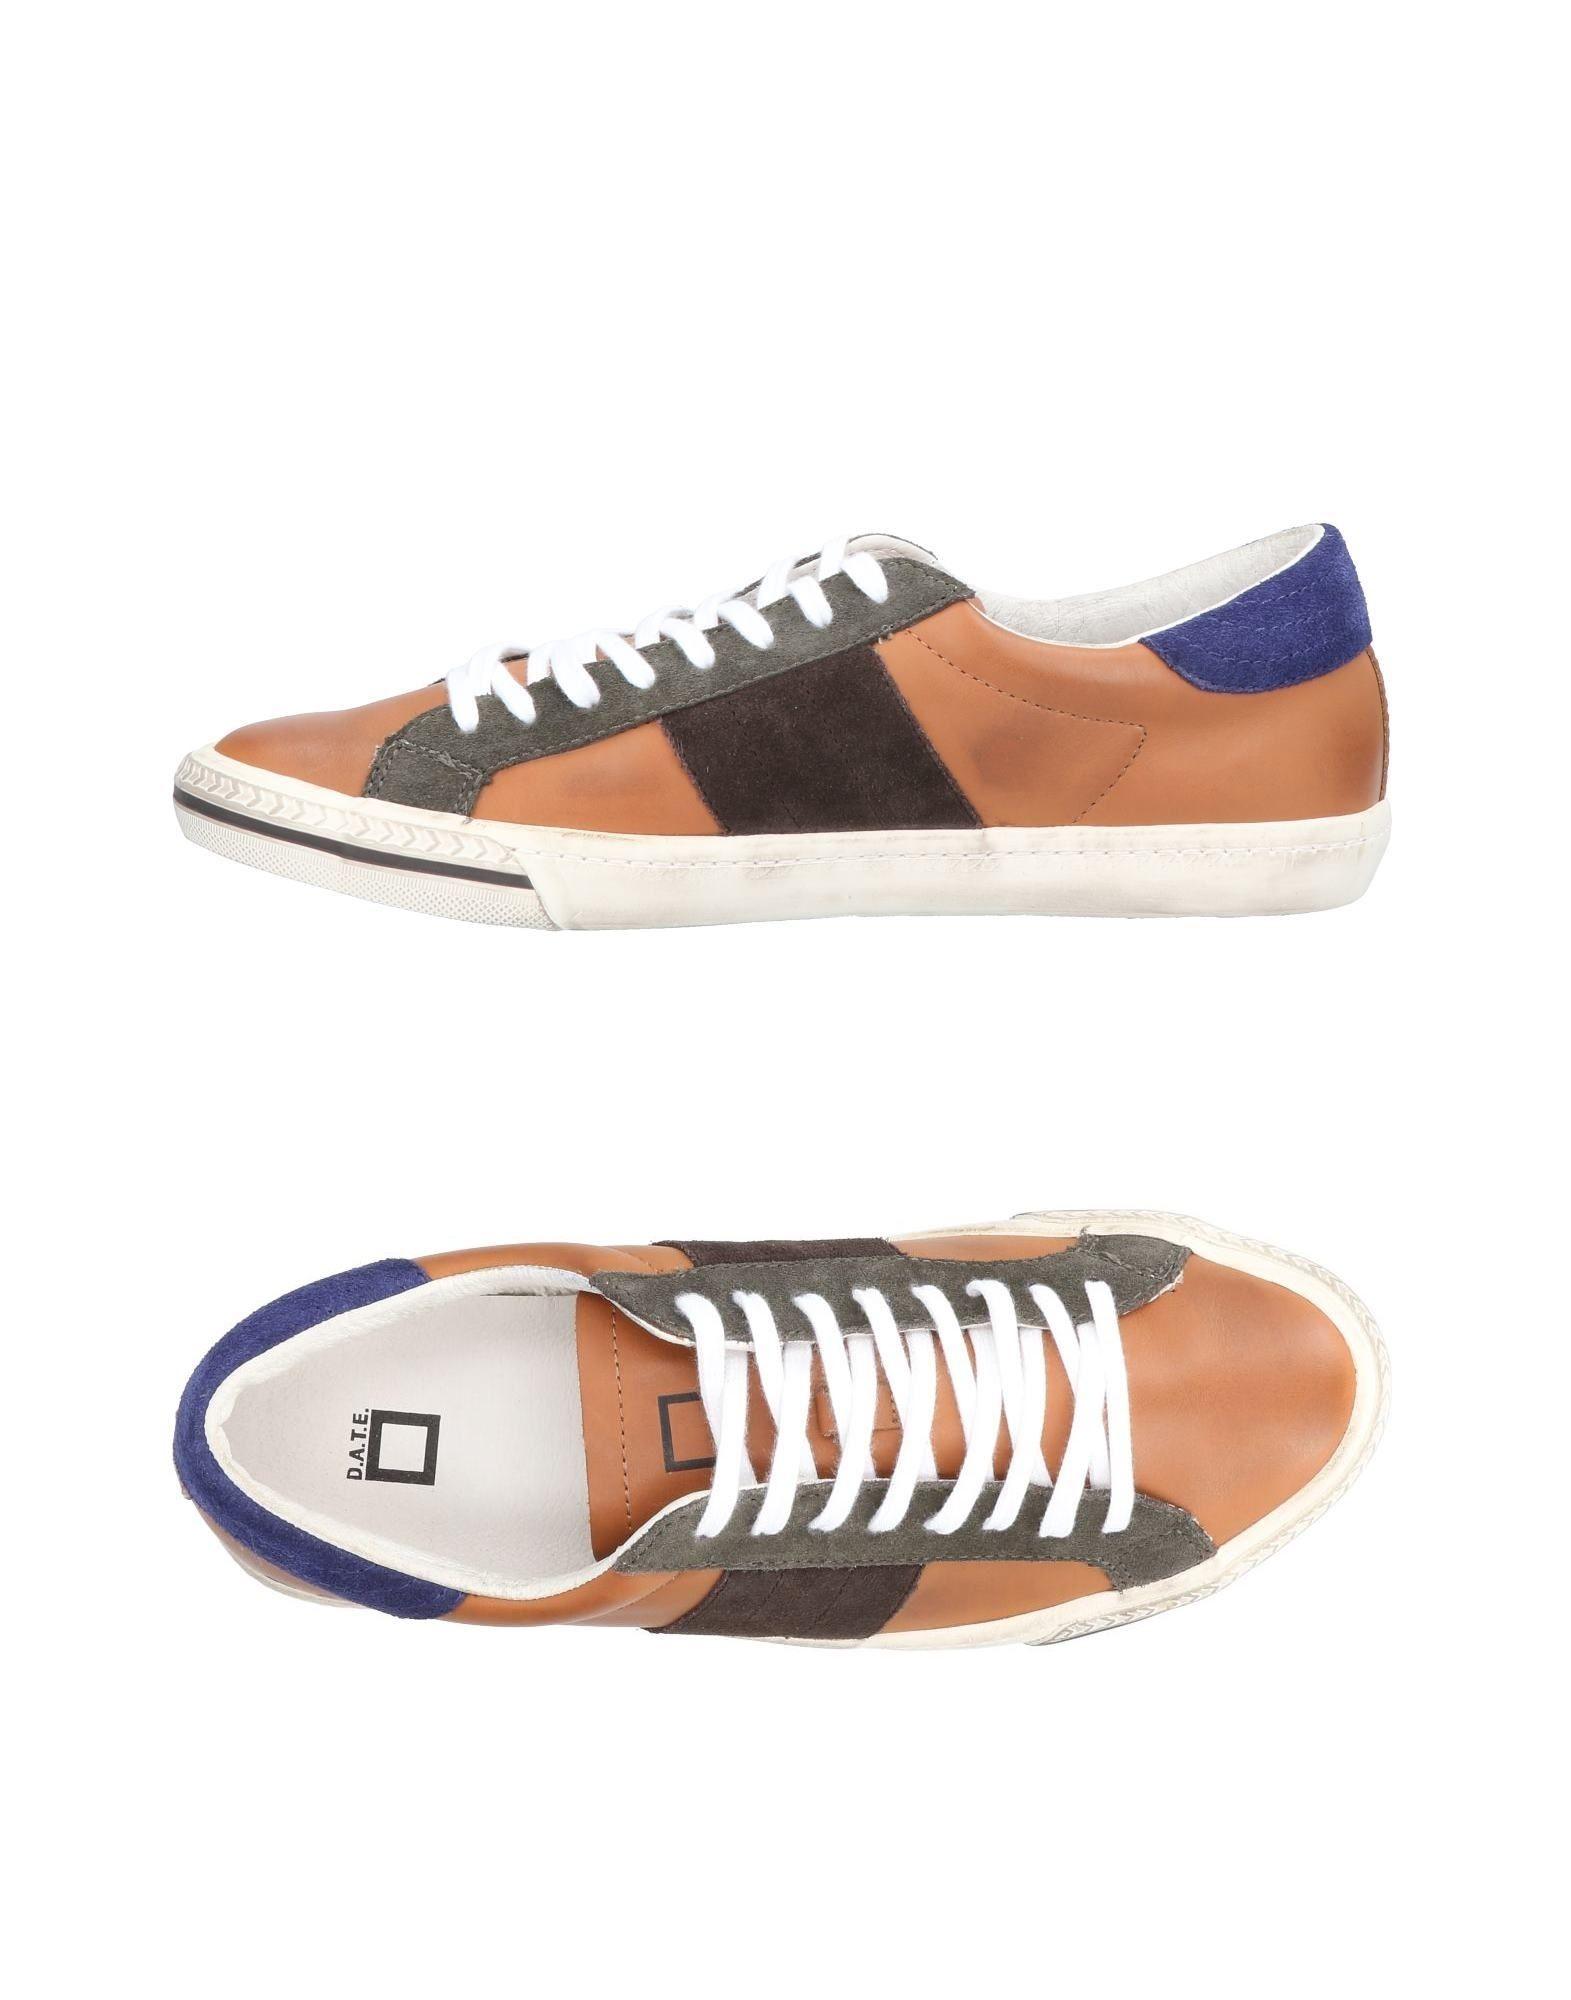 D.A.T.E. Sneakers Herren  11368424DH 11368424DH  d0d616